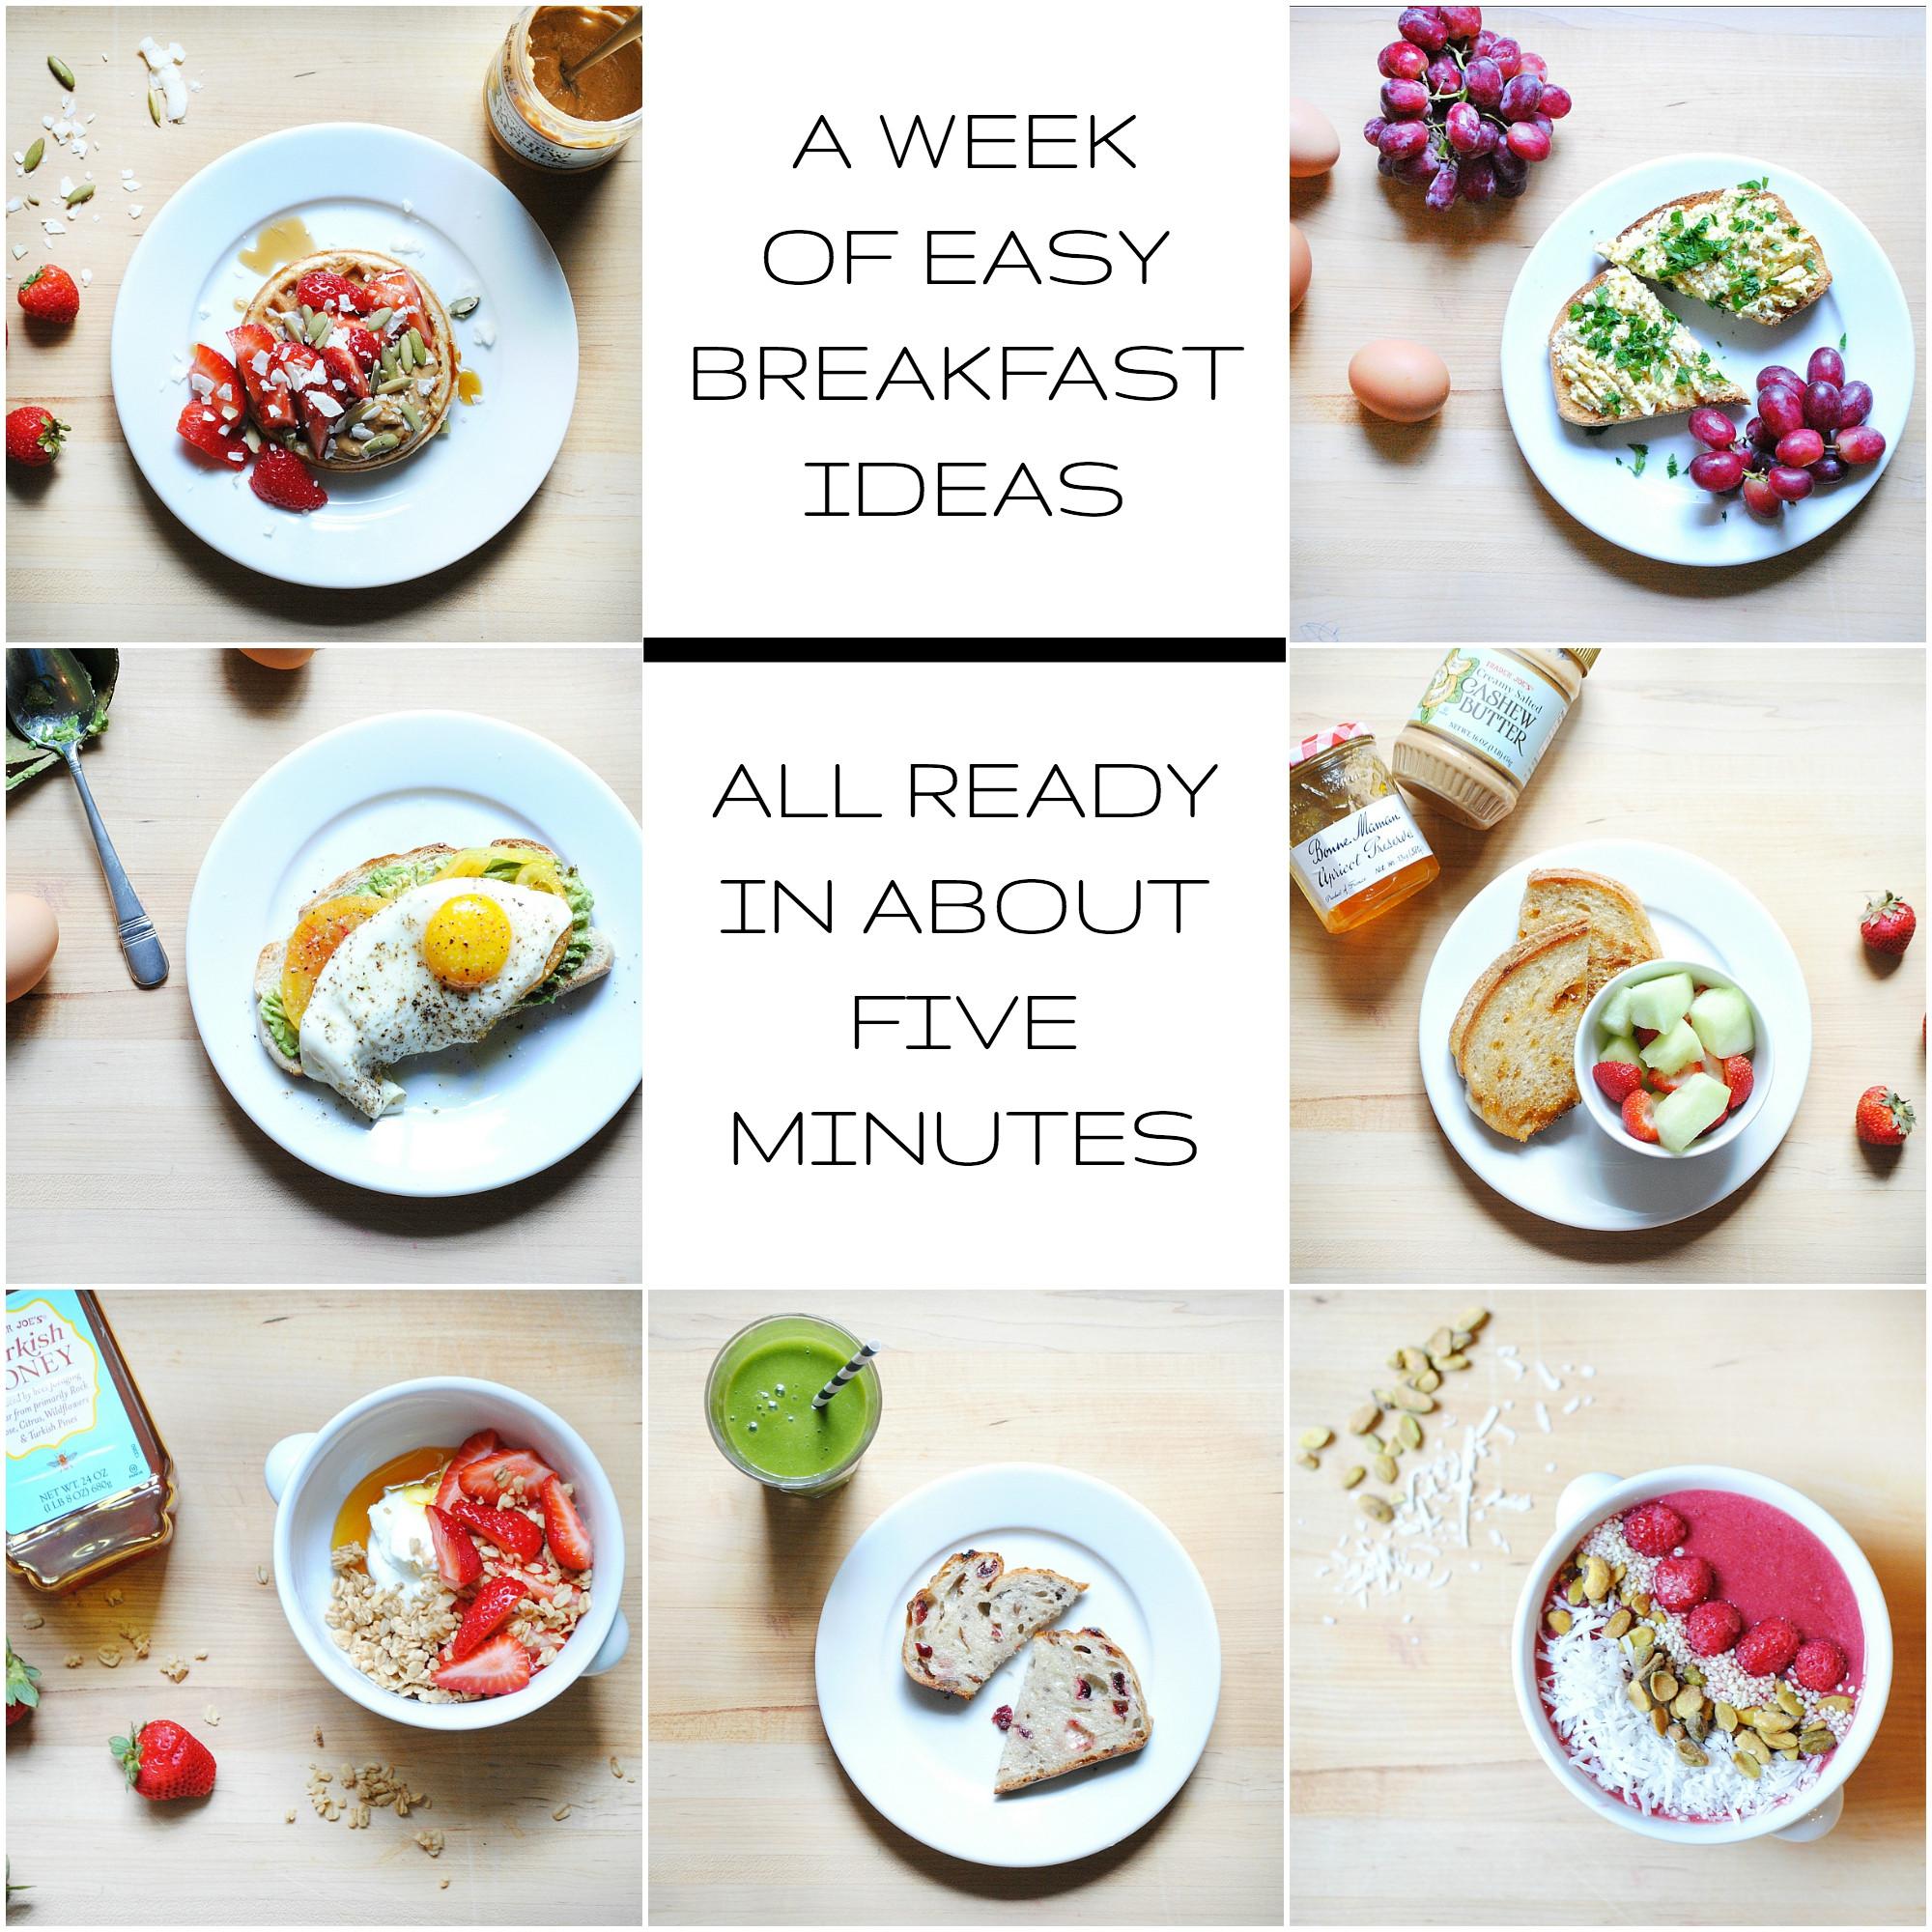 Healthy Breakfast For A Week  A Week of Healthy Easy Breakfast Ideas All Ready in